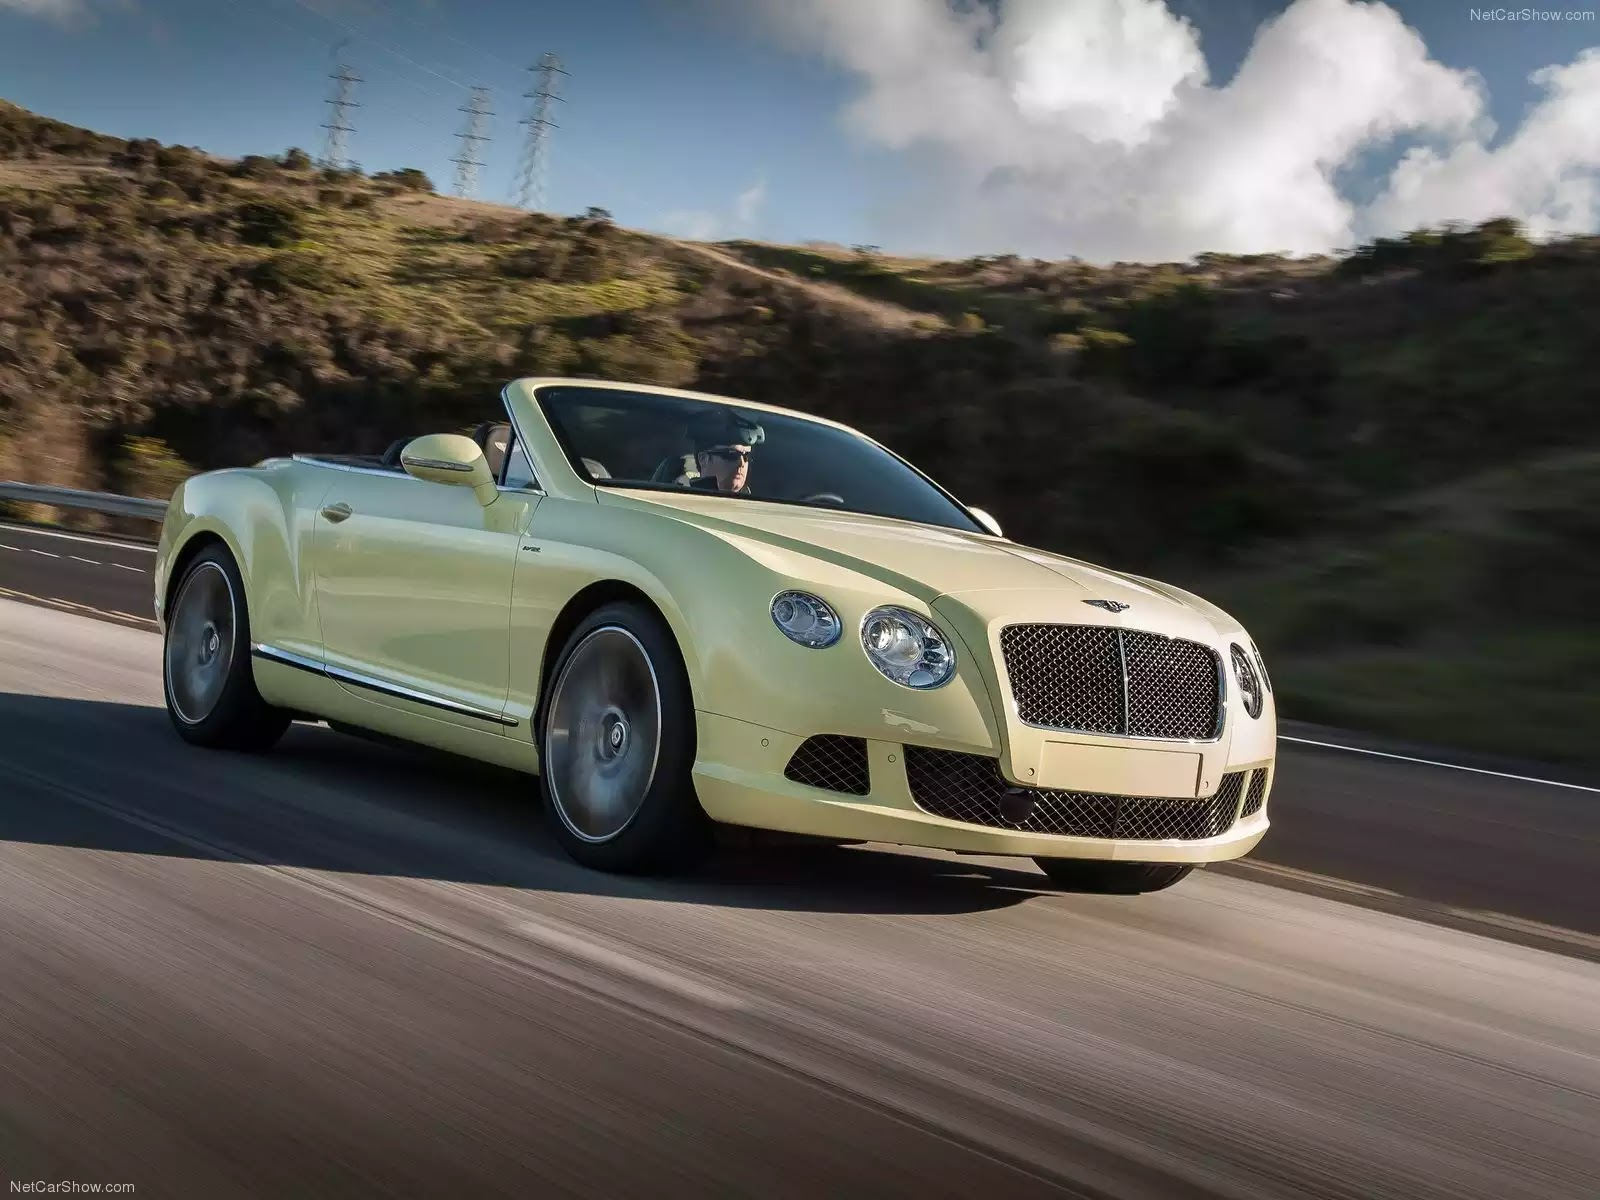 Hình ảnh xe ô tô Bentley Continental GT Speed Convertible 2014 & nội ngoại thất